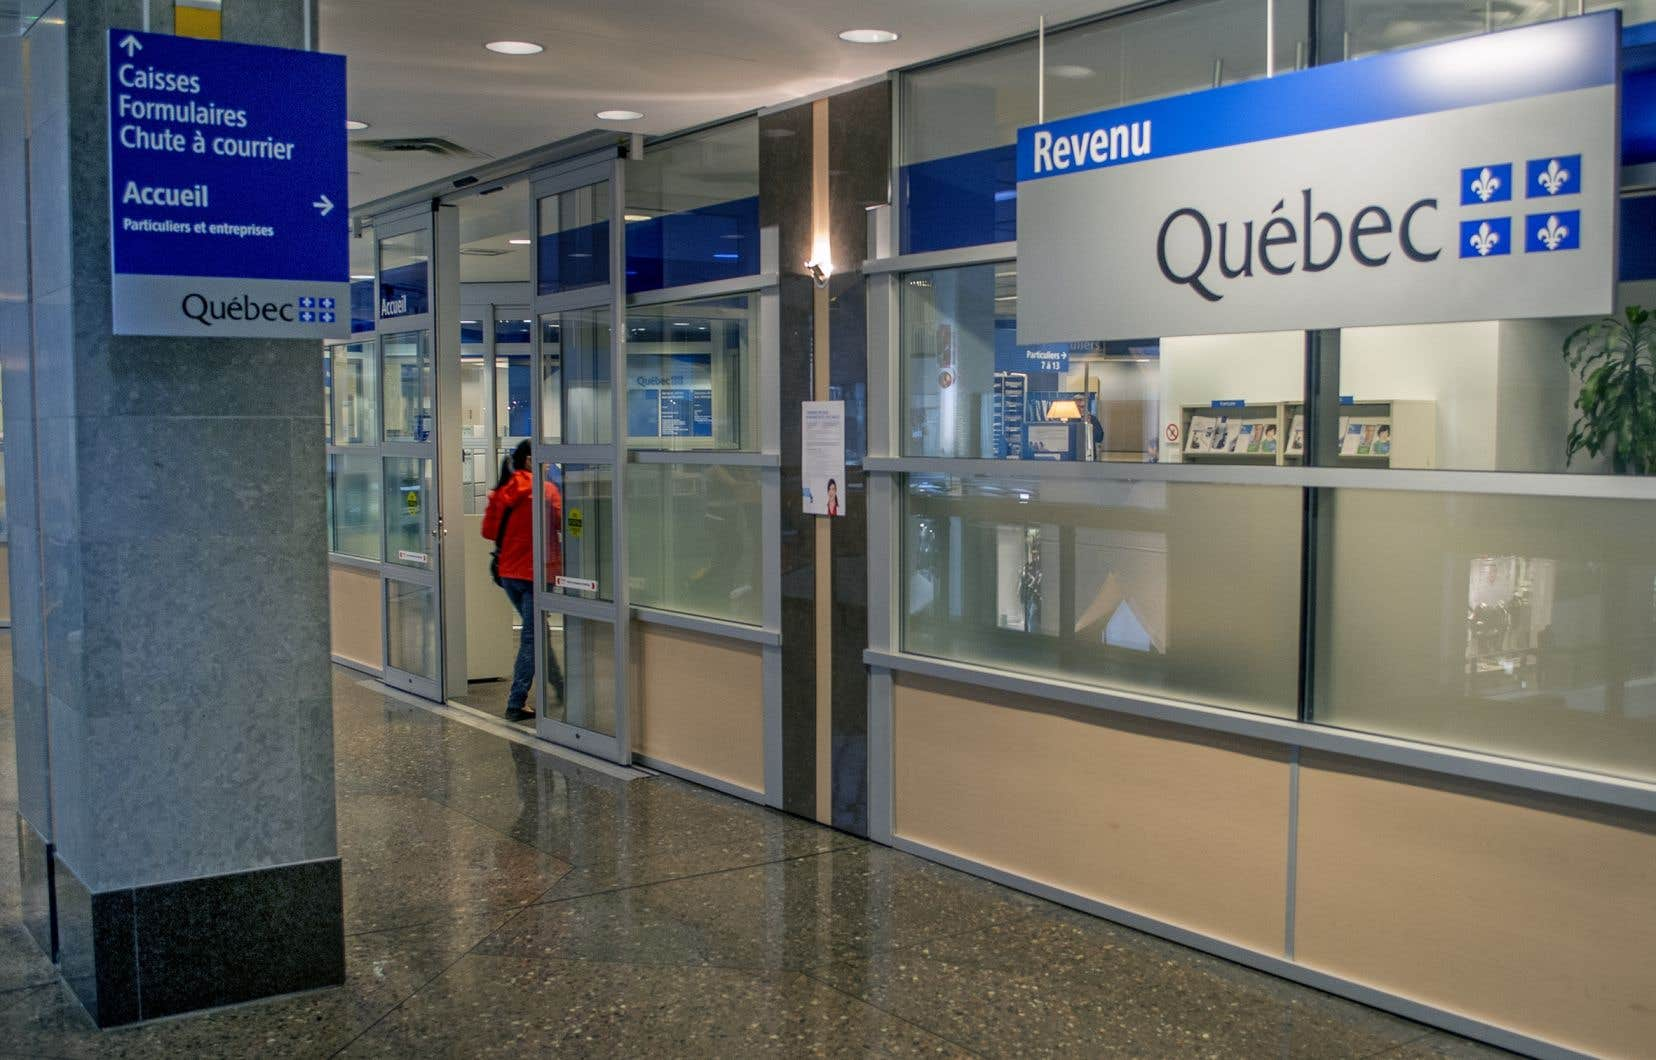 «Le modèle québécois est arrivé à maturité pour être revisité et les baisses d'impôts sur le revenu sont un objectif à viser», croit l'auteur.